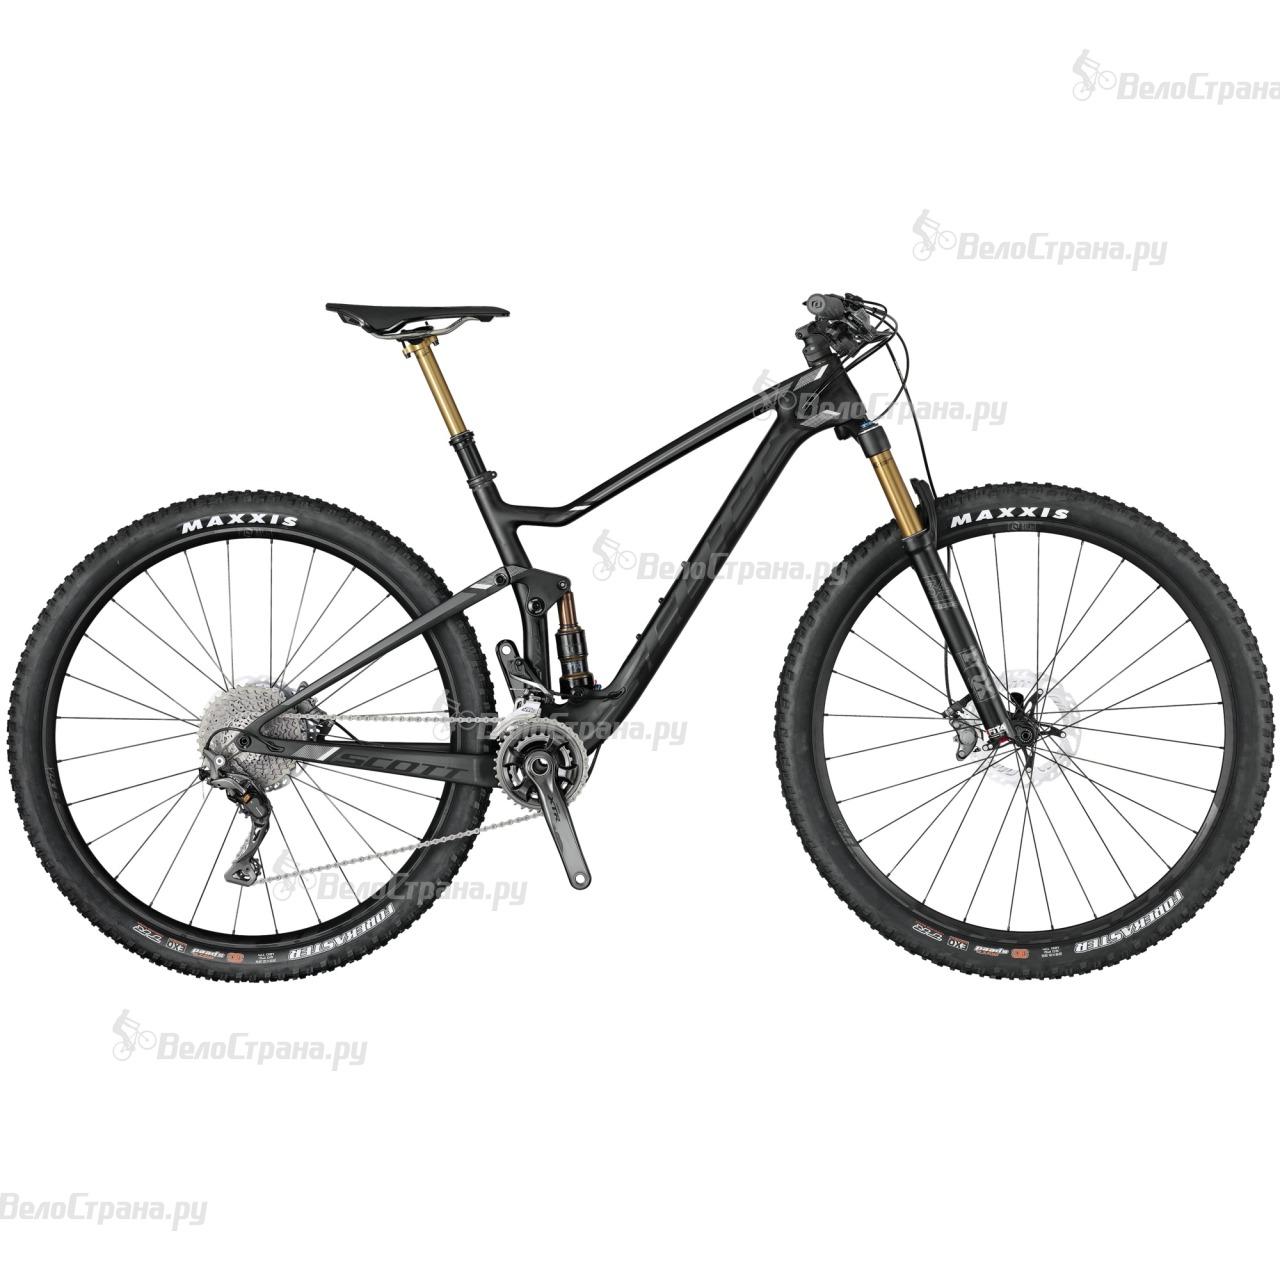 Велосипед Scott Spark 900 Premium (2017) мебель